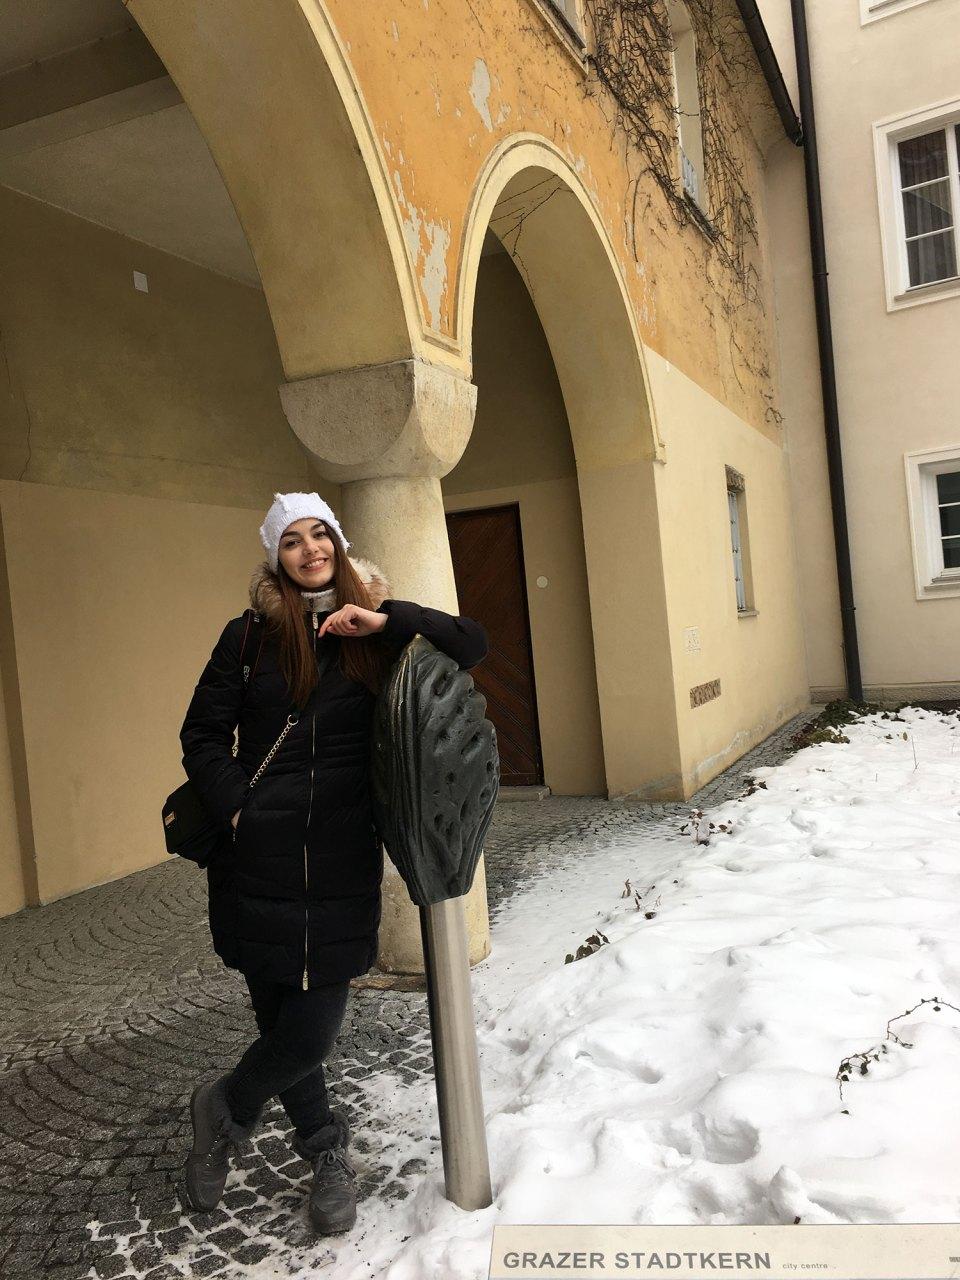 Dorie am Stadtkern von Graz